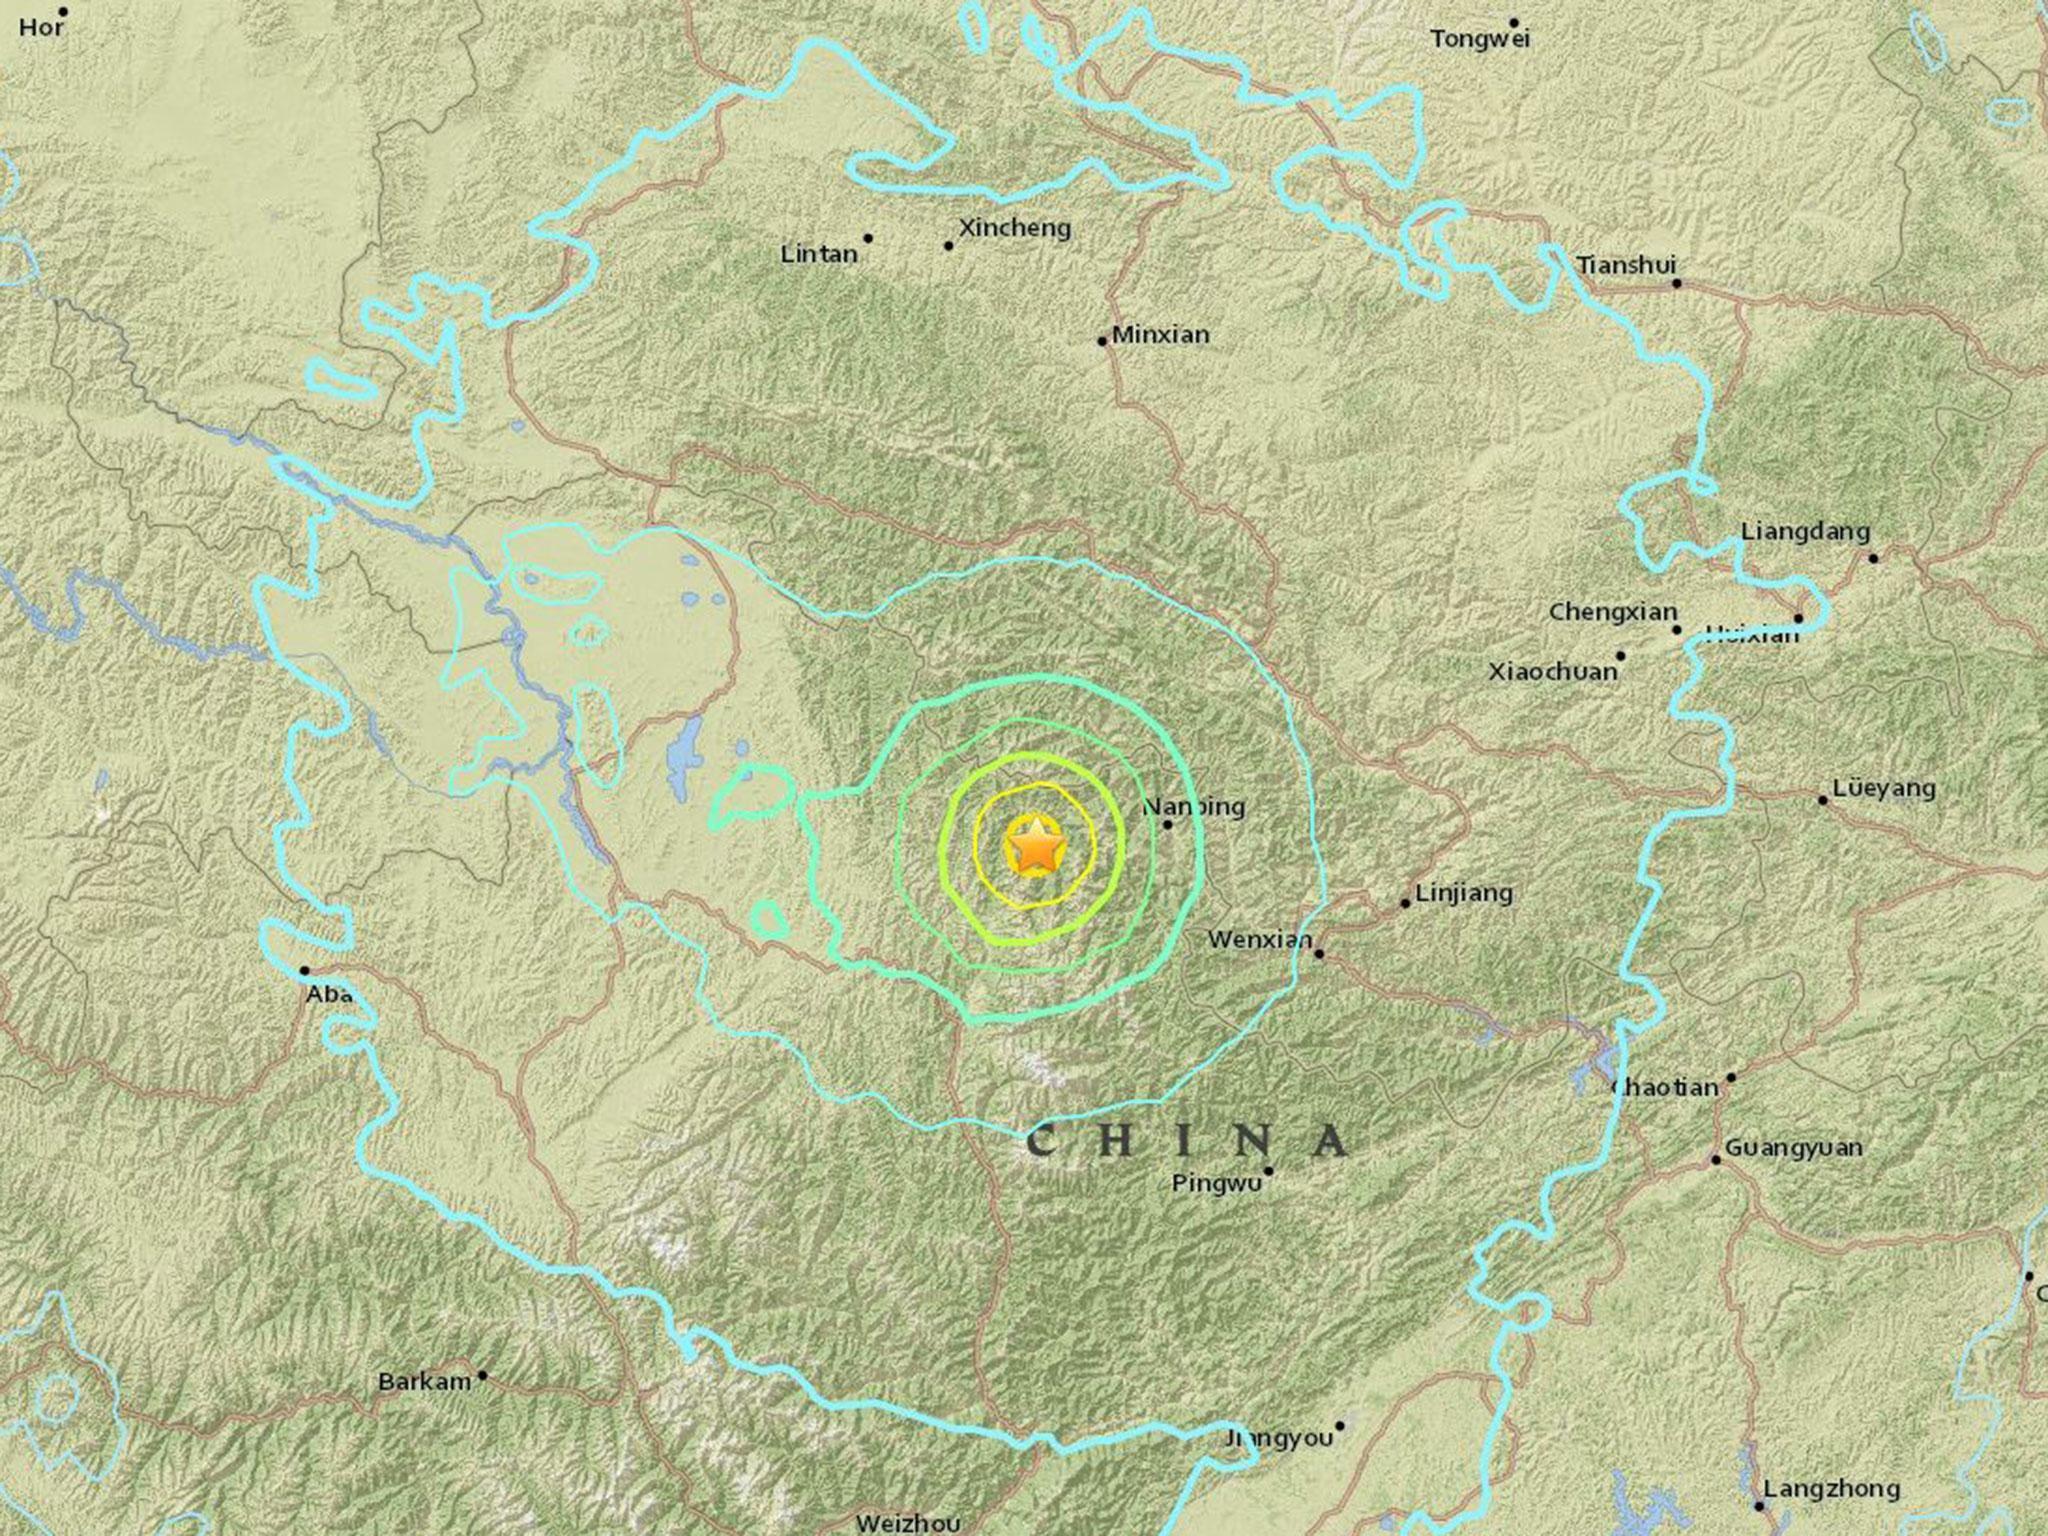 California Quake Map Usgs%0A Sichuan earthquake      feared dead as magnitude     tremor strikes central  China